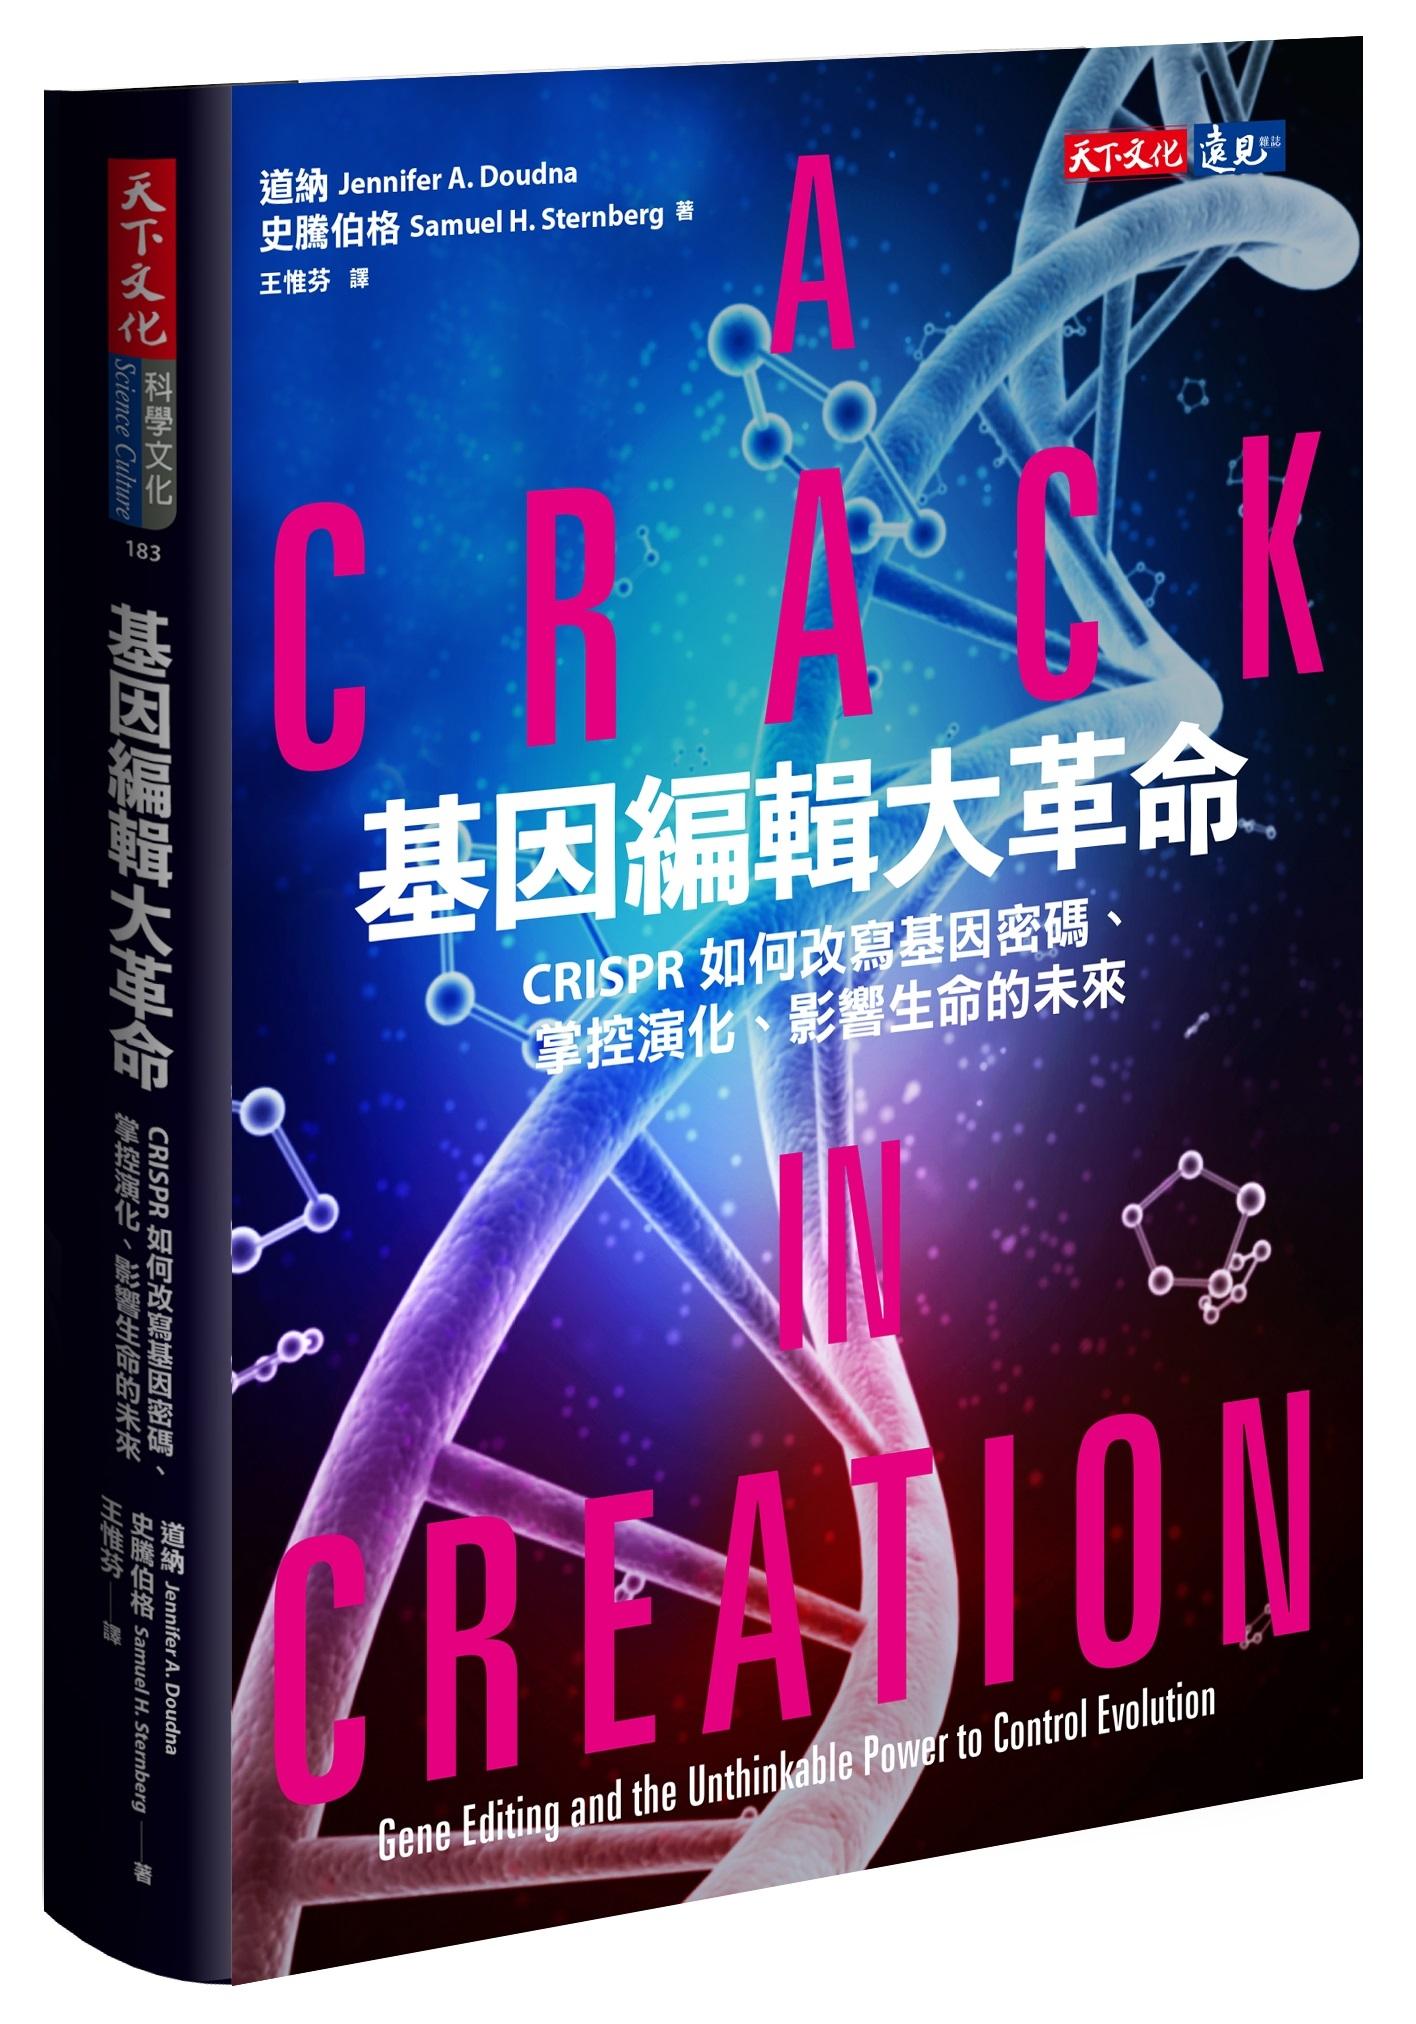 基因編輯大革命